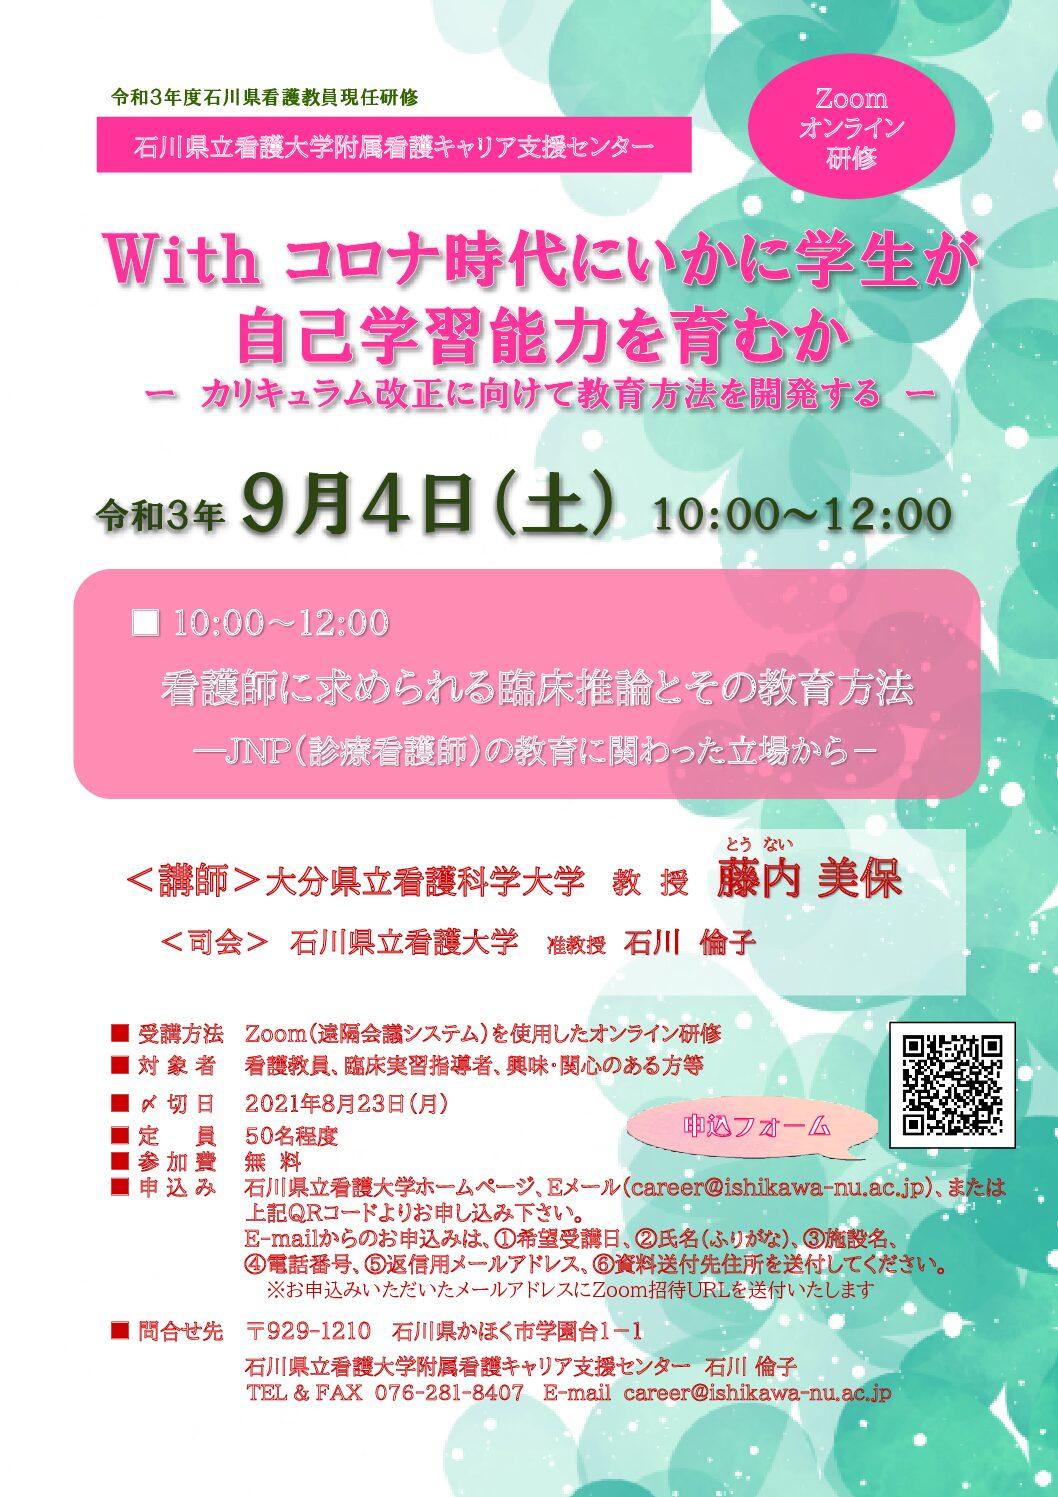 令和3年度石川県看護教員現任研修 With コロナ時代にいかに学生が自己学習能力を育むか -カリキュラム改正に向けて教育方法を開発する-